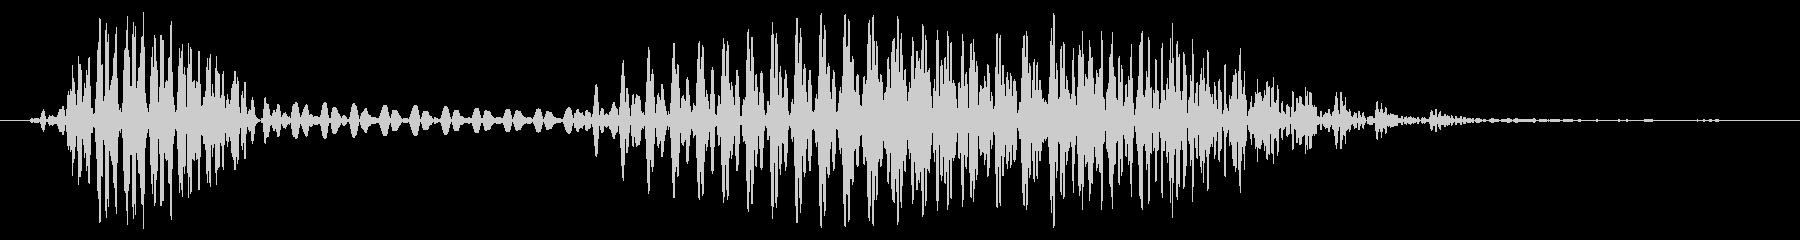 コンピューター応答音声中止男性の未再生の波形